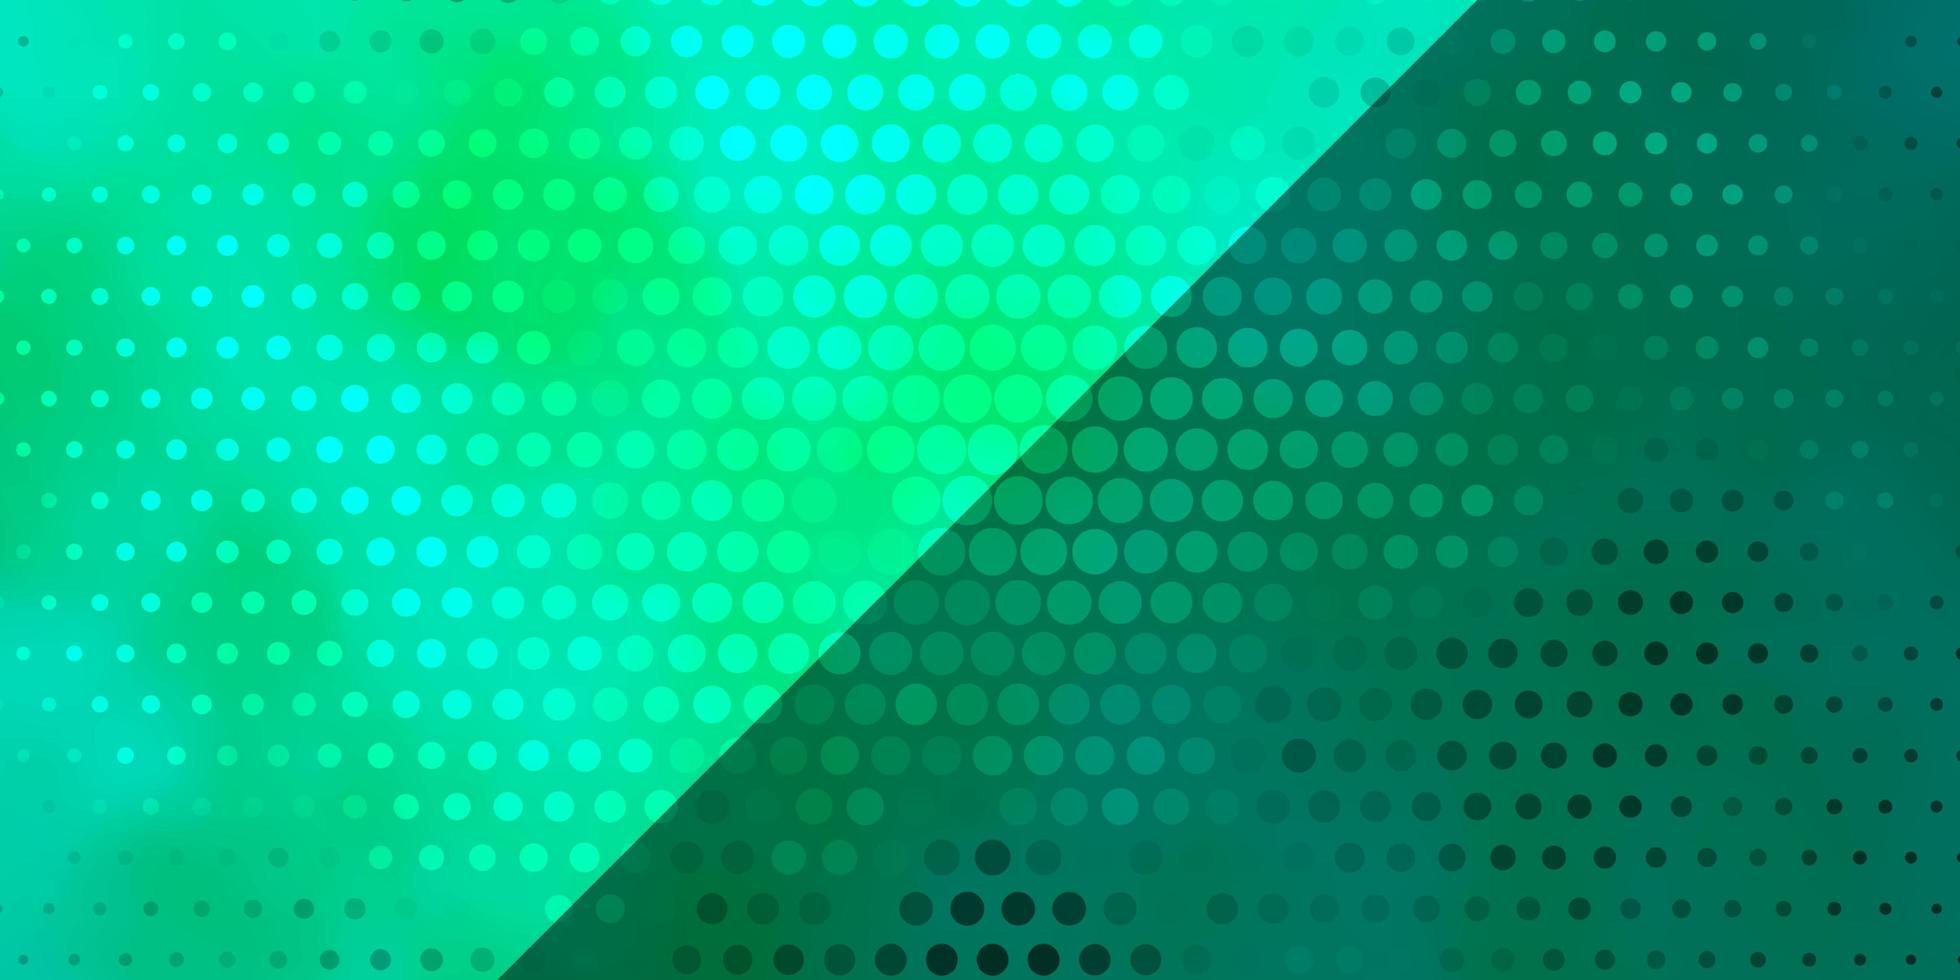 sfondo verde con cerchi. vettore